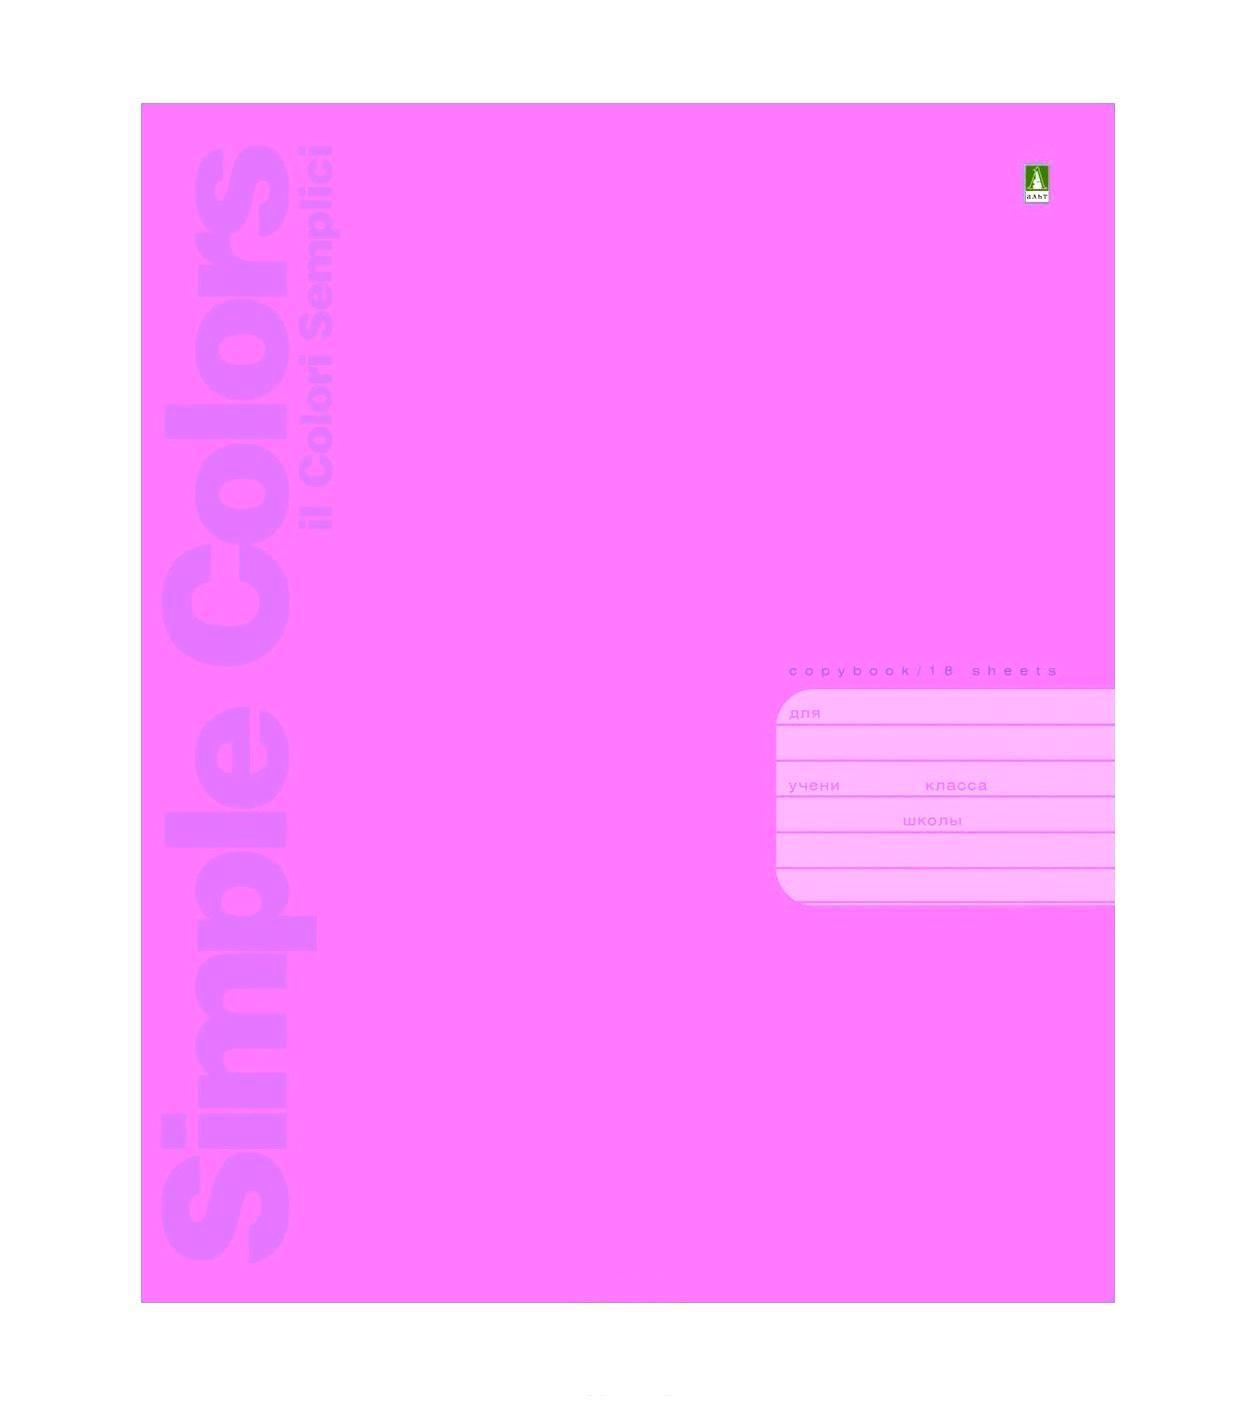 Набор тетрадей Альт, цвет: розовый, 18 листов, 10 шт7-18-772/1_розовыйНабор тетрадей Альт Простые цвета отличается универсальностью и подходит школьникам вне зависимости от пола и возраста. Тетради из этой серии выпускаются в четырех цветах обложки. Для них использован дизайнерский картон 170 грамм. Печать, произведенная красками из модели Pantone, позволила добиться интенсивных, максимально насыщенных тонов. Текстовая информация выделена с помощью выборочного УФ-лака. Данные ученика вносятся в выделенное поле. Блоки на скрепках состоят из 18 листов, а высококачественная белая бумага подходит для любых чернил. Линовка в клетку отличается четкостью, совпадает с обеих сторон листа. Поля отмечены красным цветом.